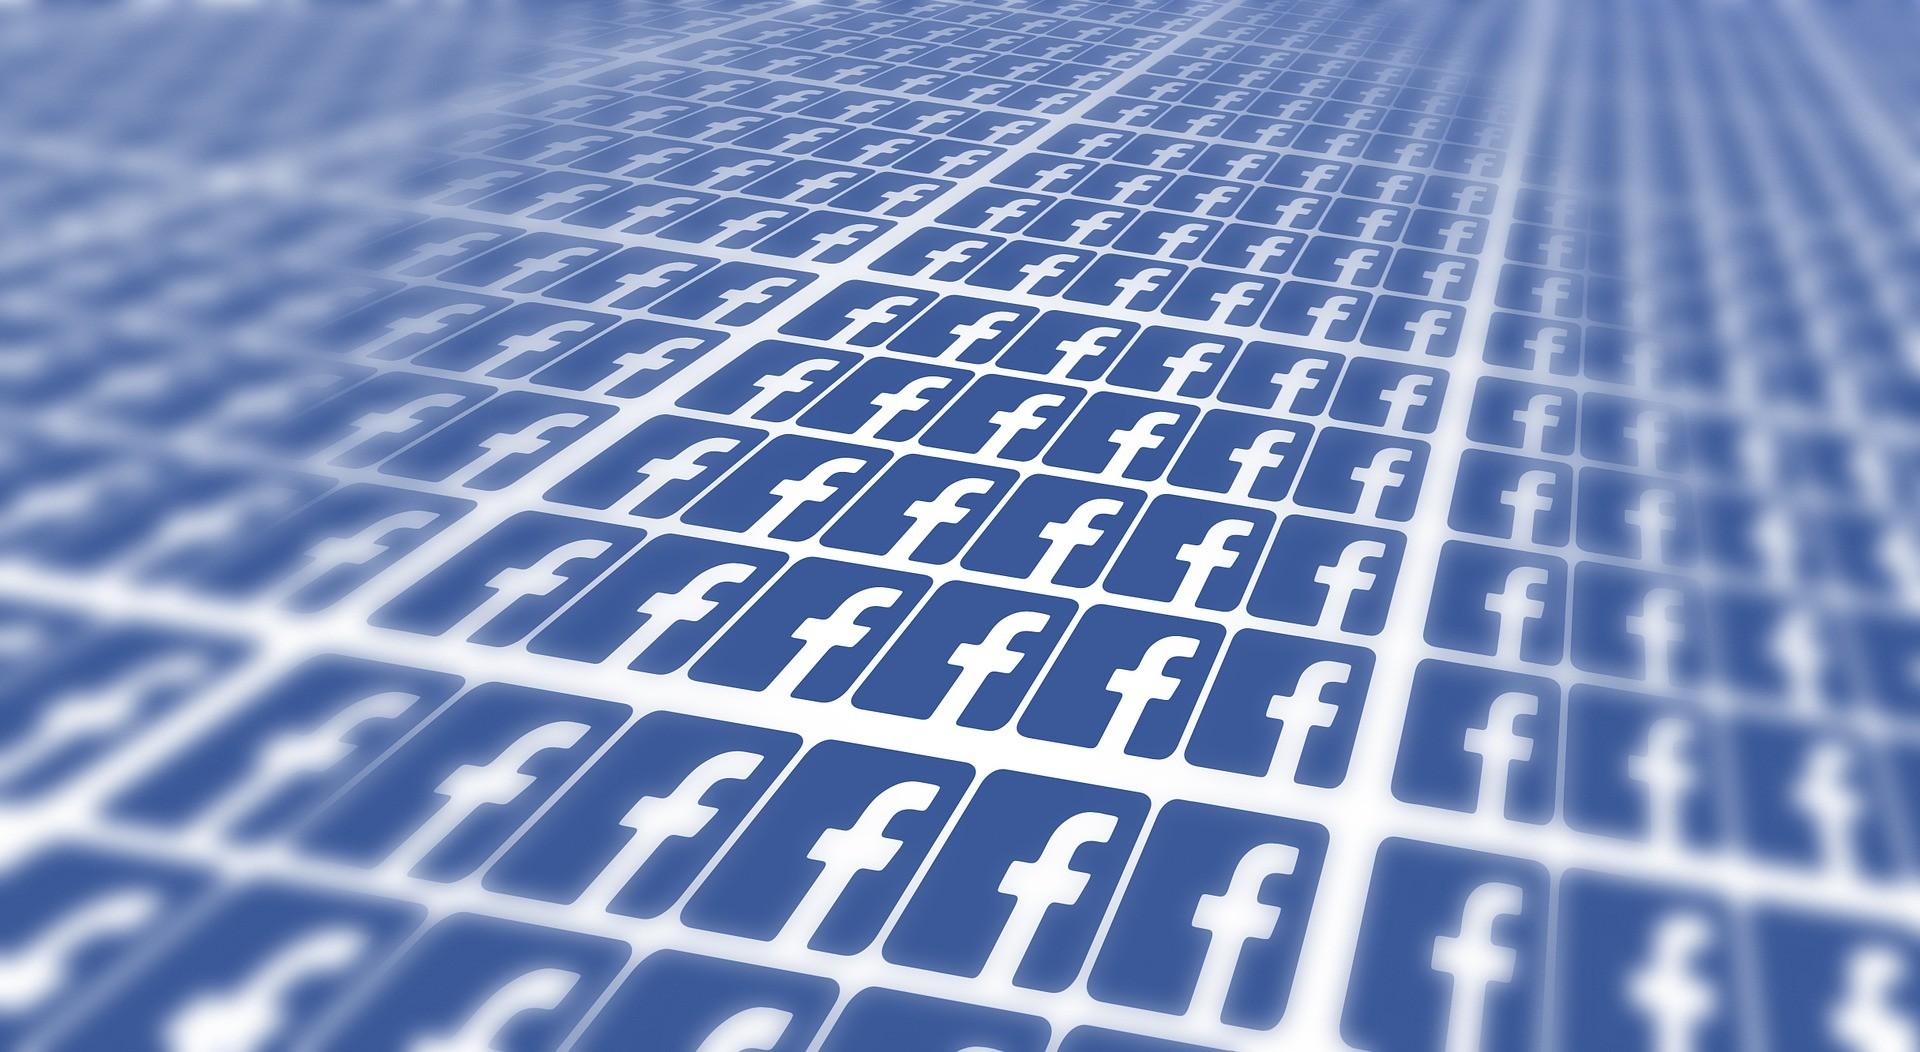 Ele define o que aparece em destaque (ou não) e, consequentemente, têm maiores chances de sucesso. Está pronto para conhecer o algoritmo do Facebook?